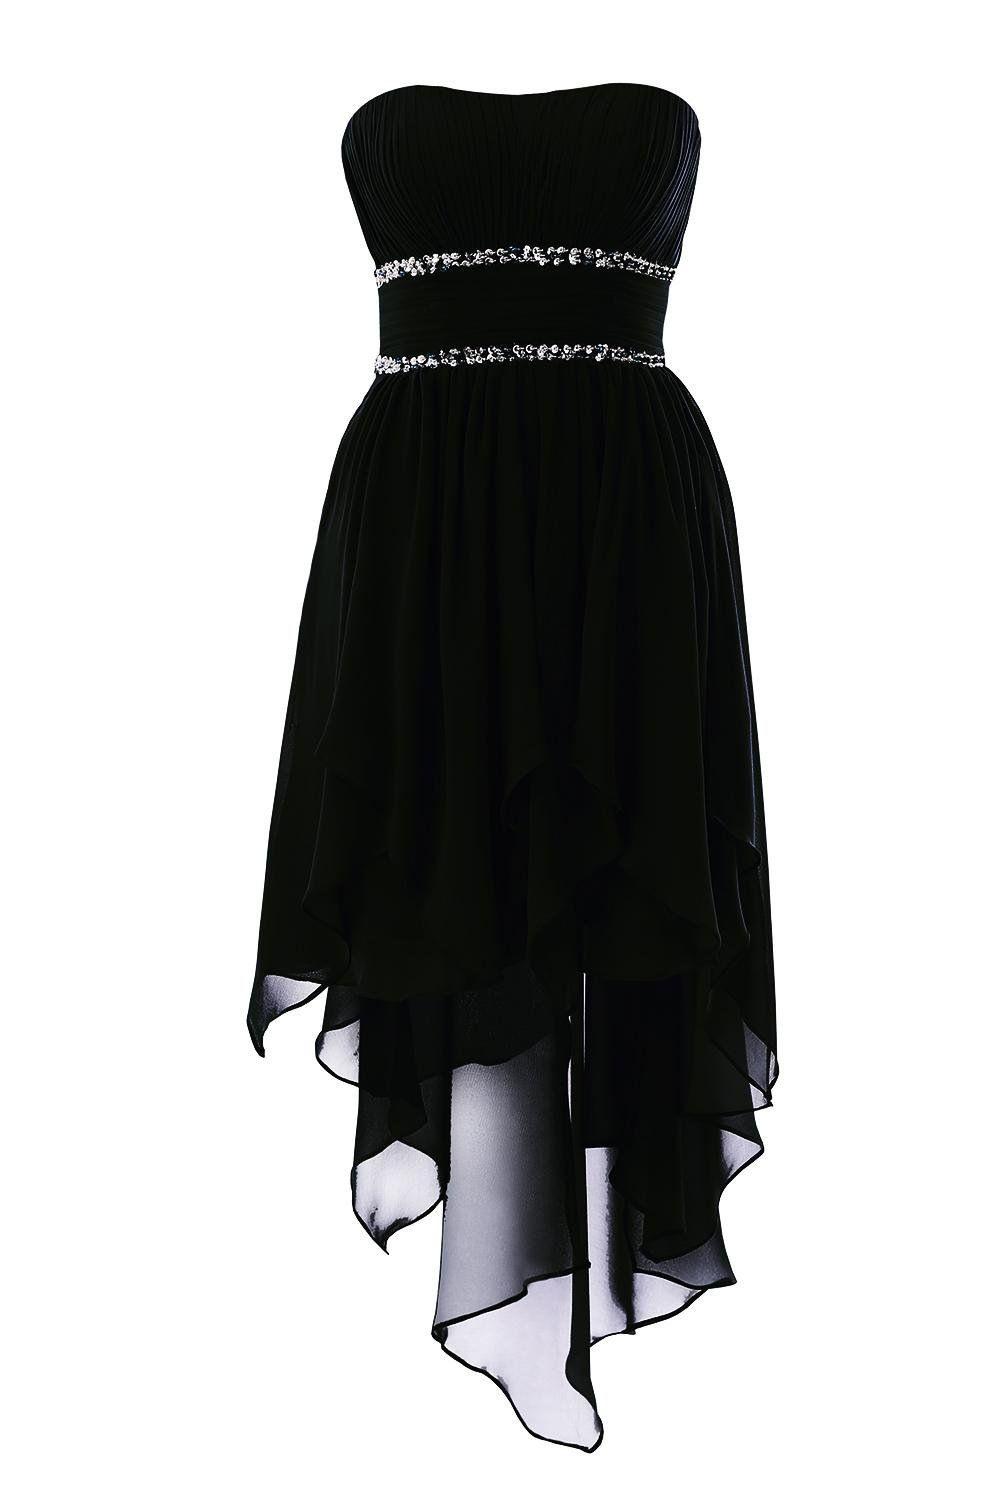 Genial Abendkleid Vokuhila Spezialgebiet10 Luxus Abendkleid Vokuhila Vertrieb